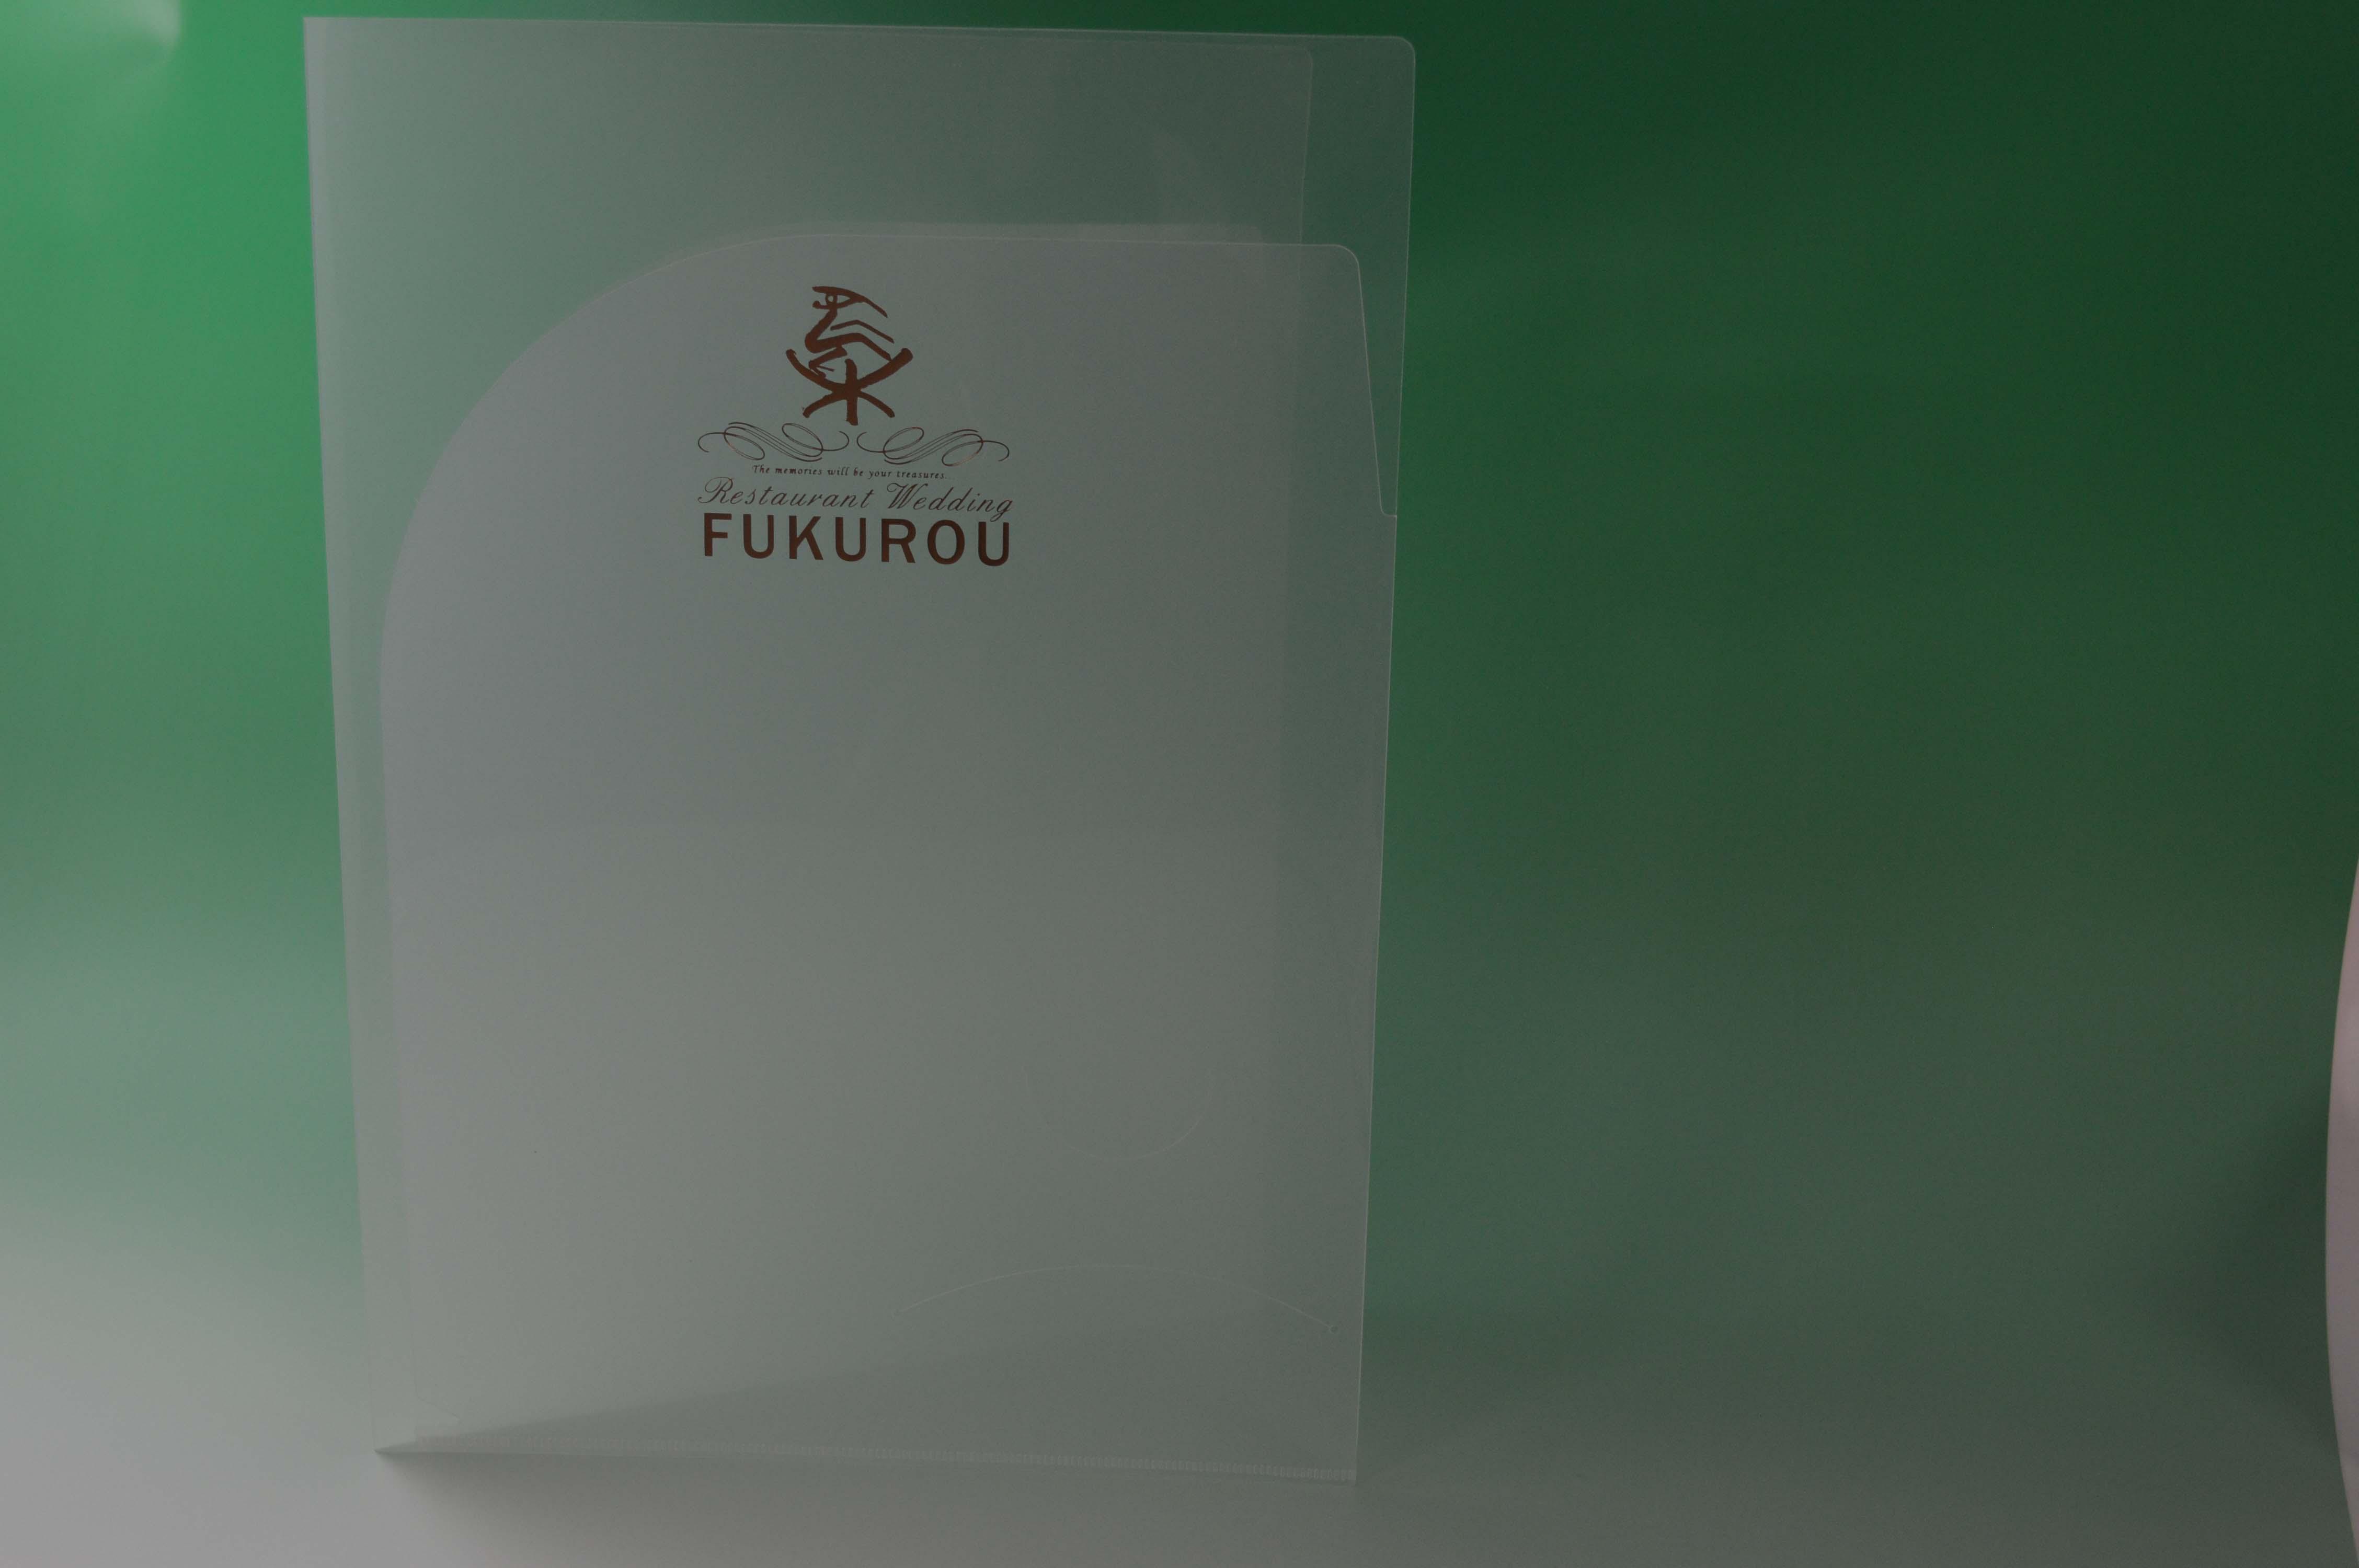 FUKUROU様2